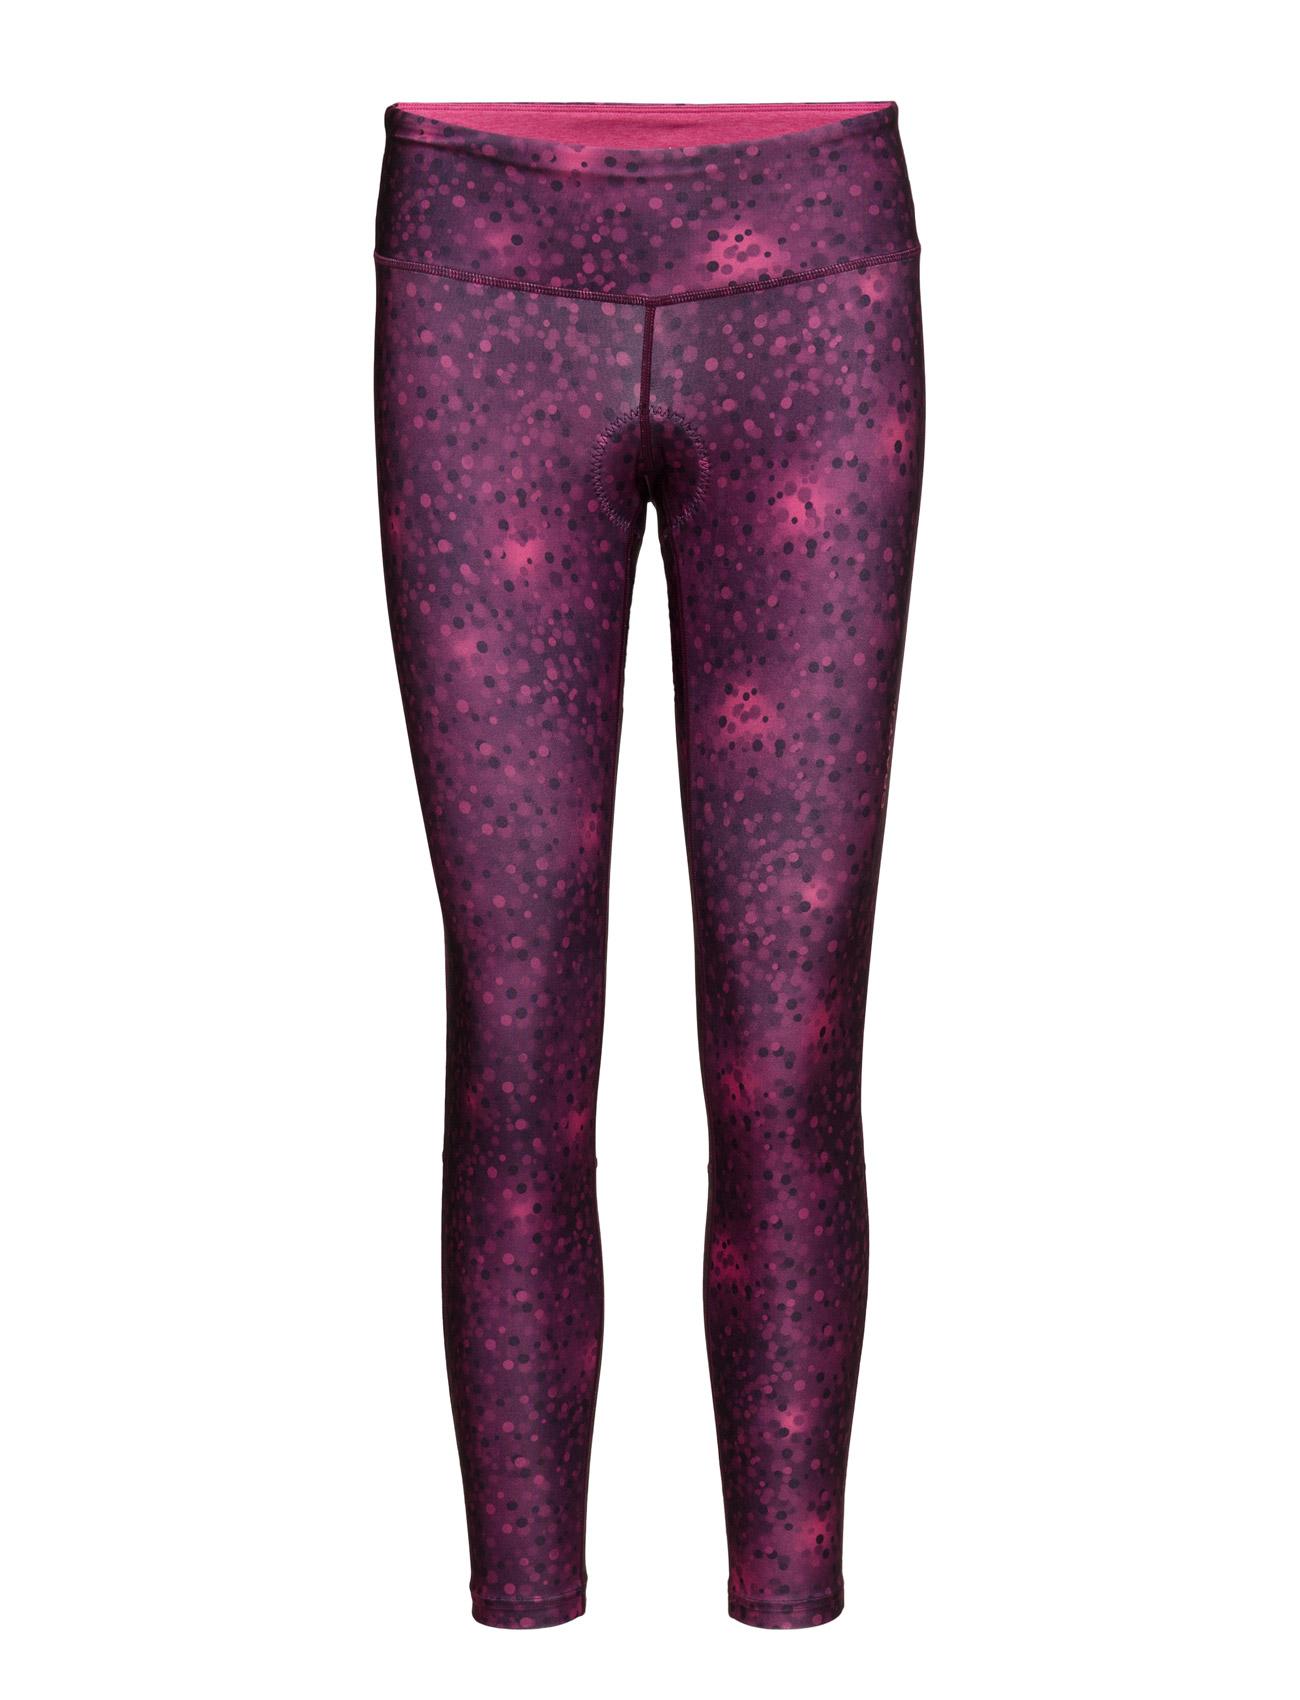 Craft Pulse Tights W P Blur Deep Craft Trænings leggings til Kvinder i